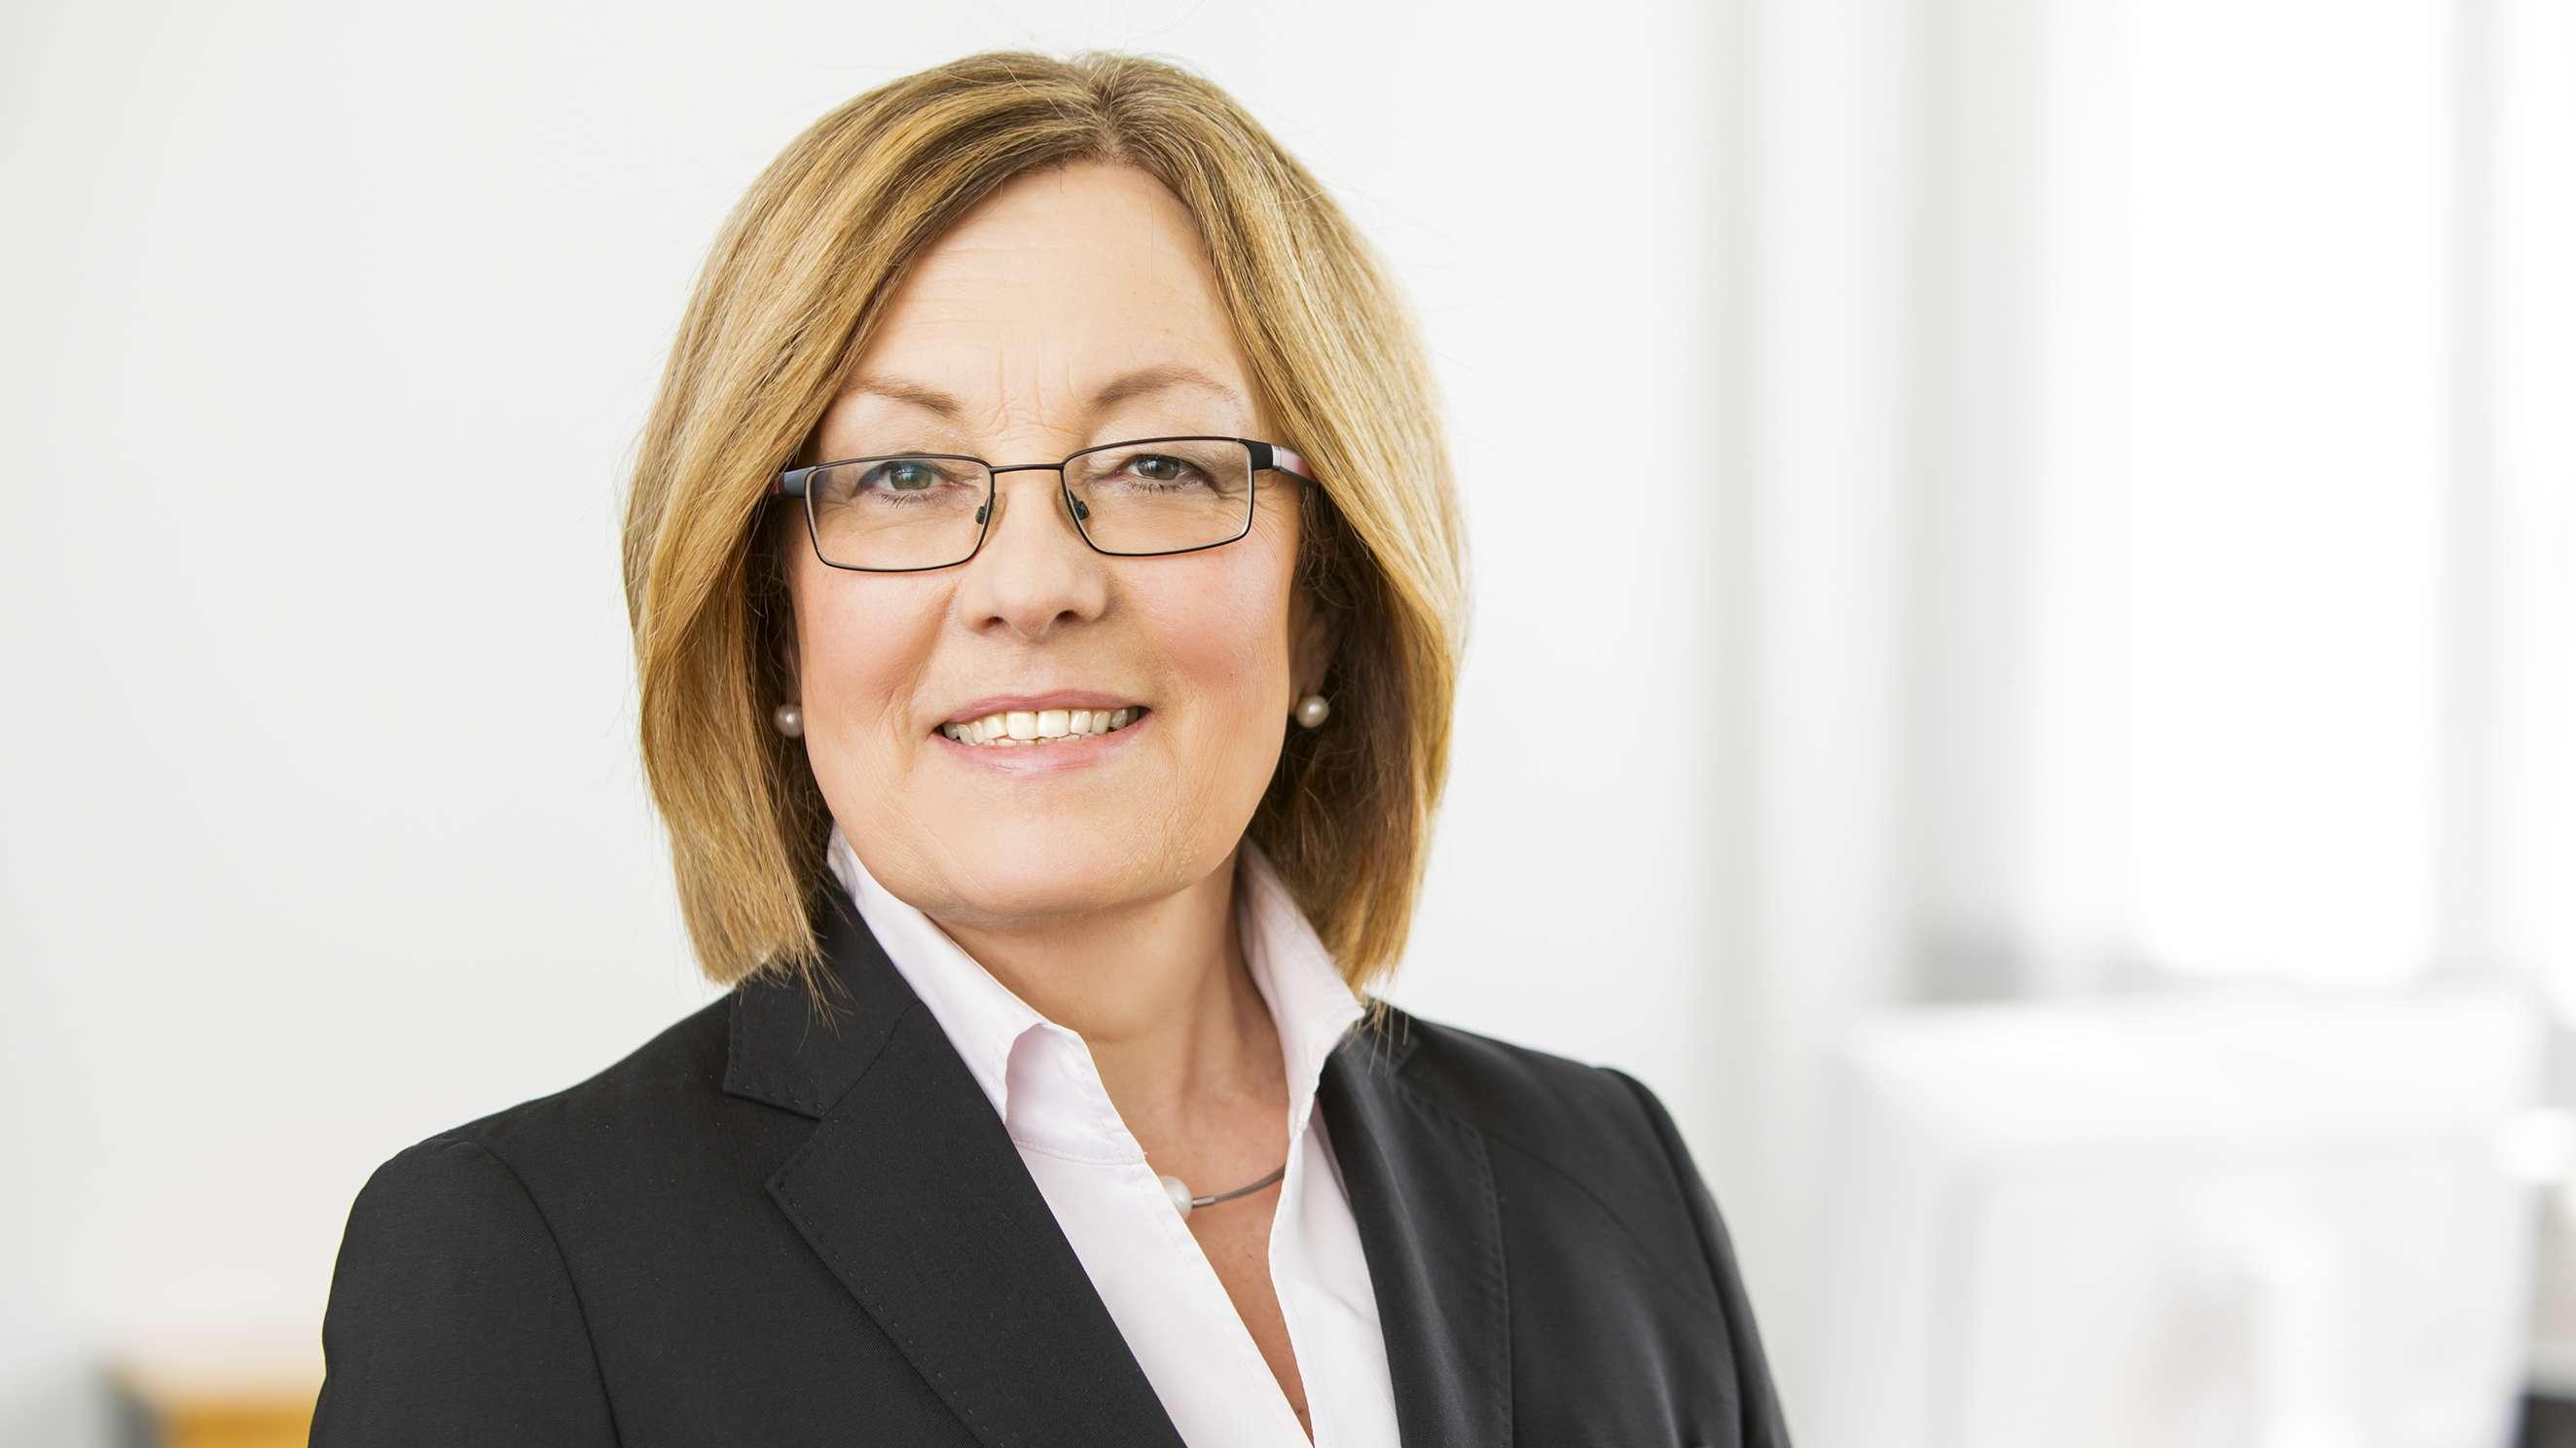 Porträtfoto von Irmgard Stippler, Vorstandschefin der AOK Bayern.